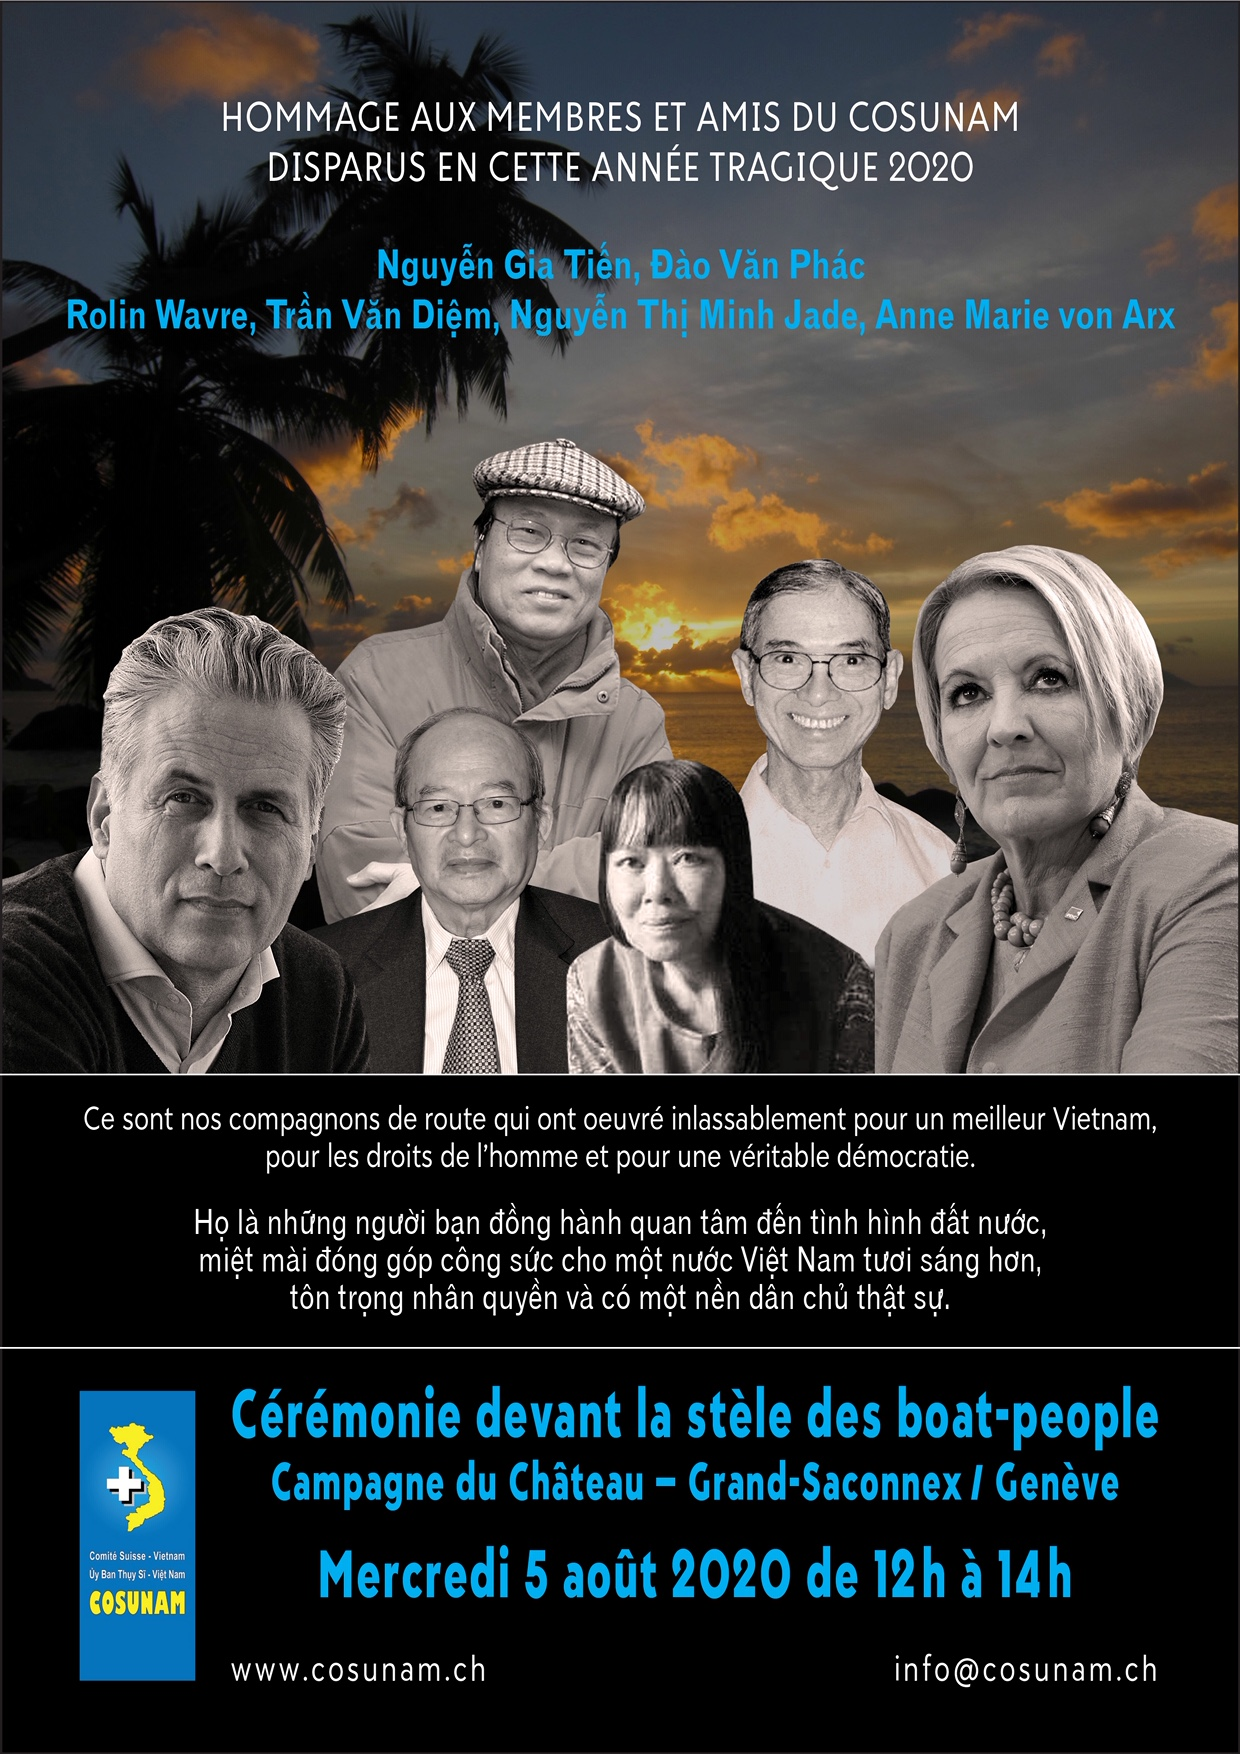 Flyer commémoration 5 août 2020